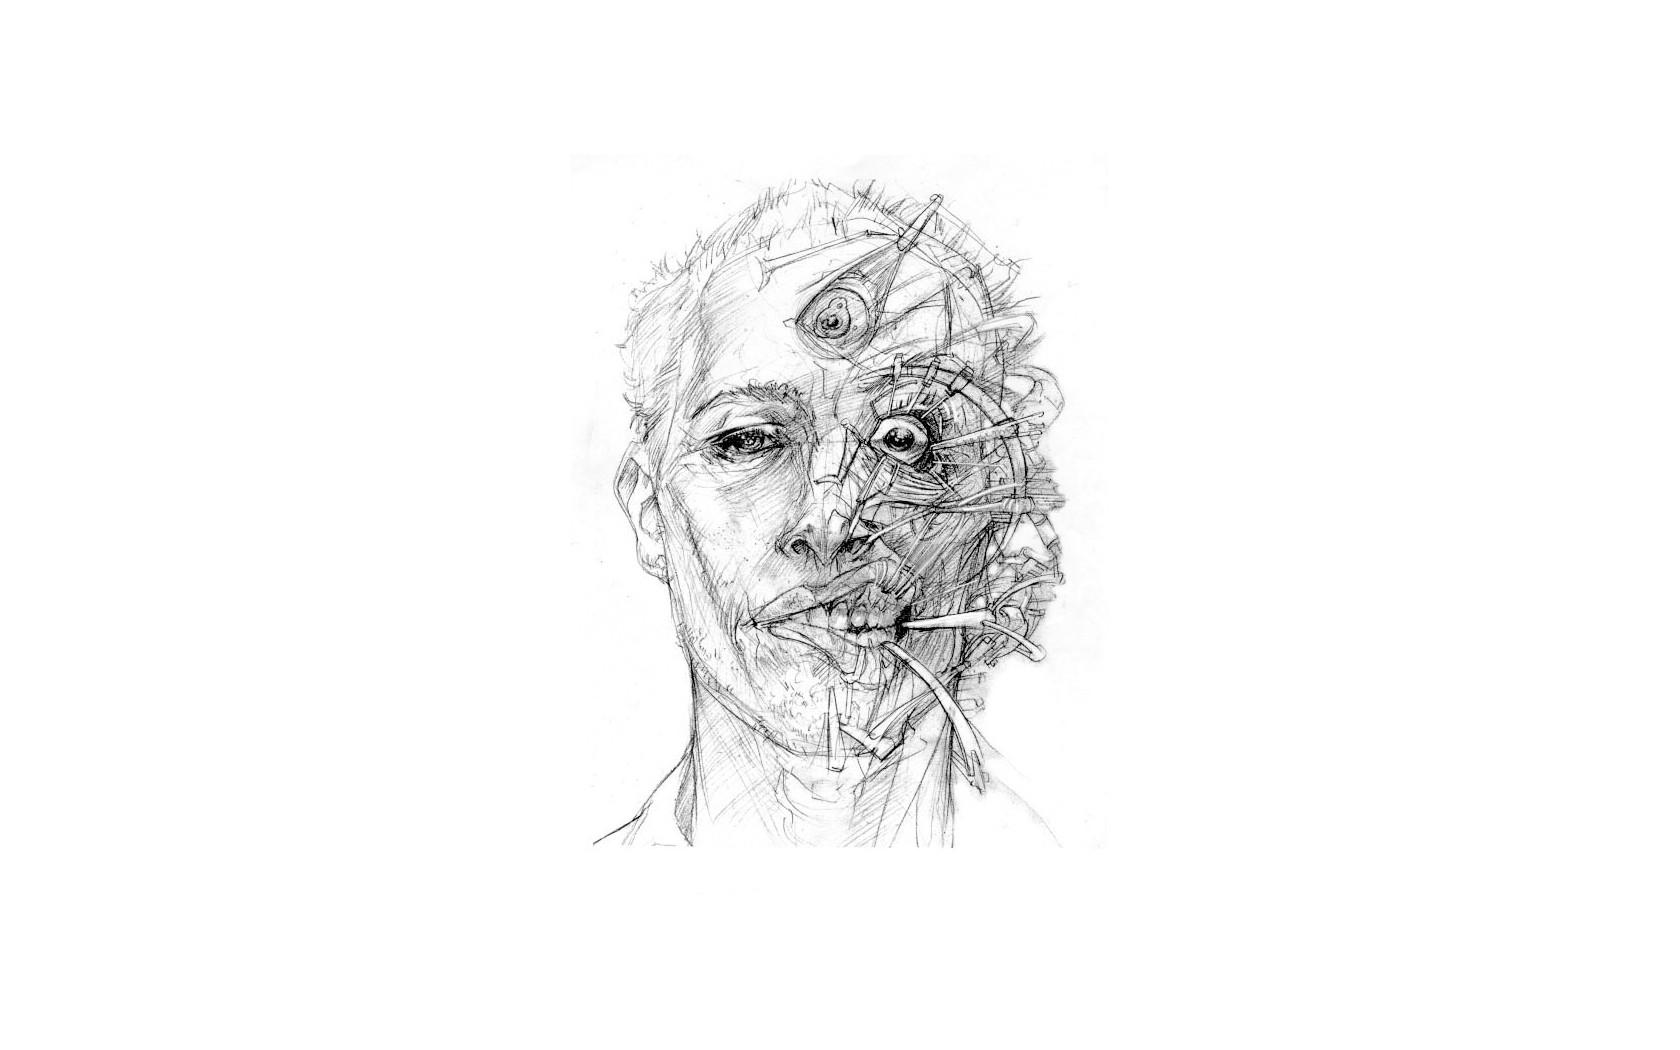 Wallpaper : face, illustration, artwork, Traditional Artwork, head ...